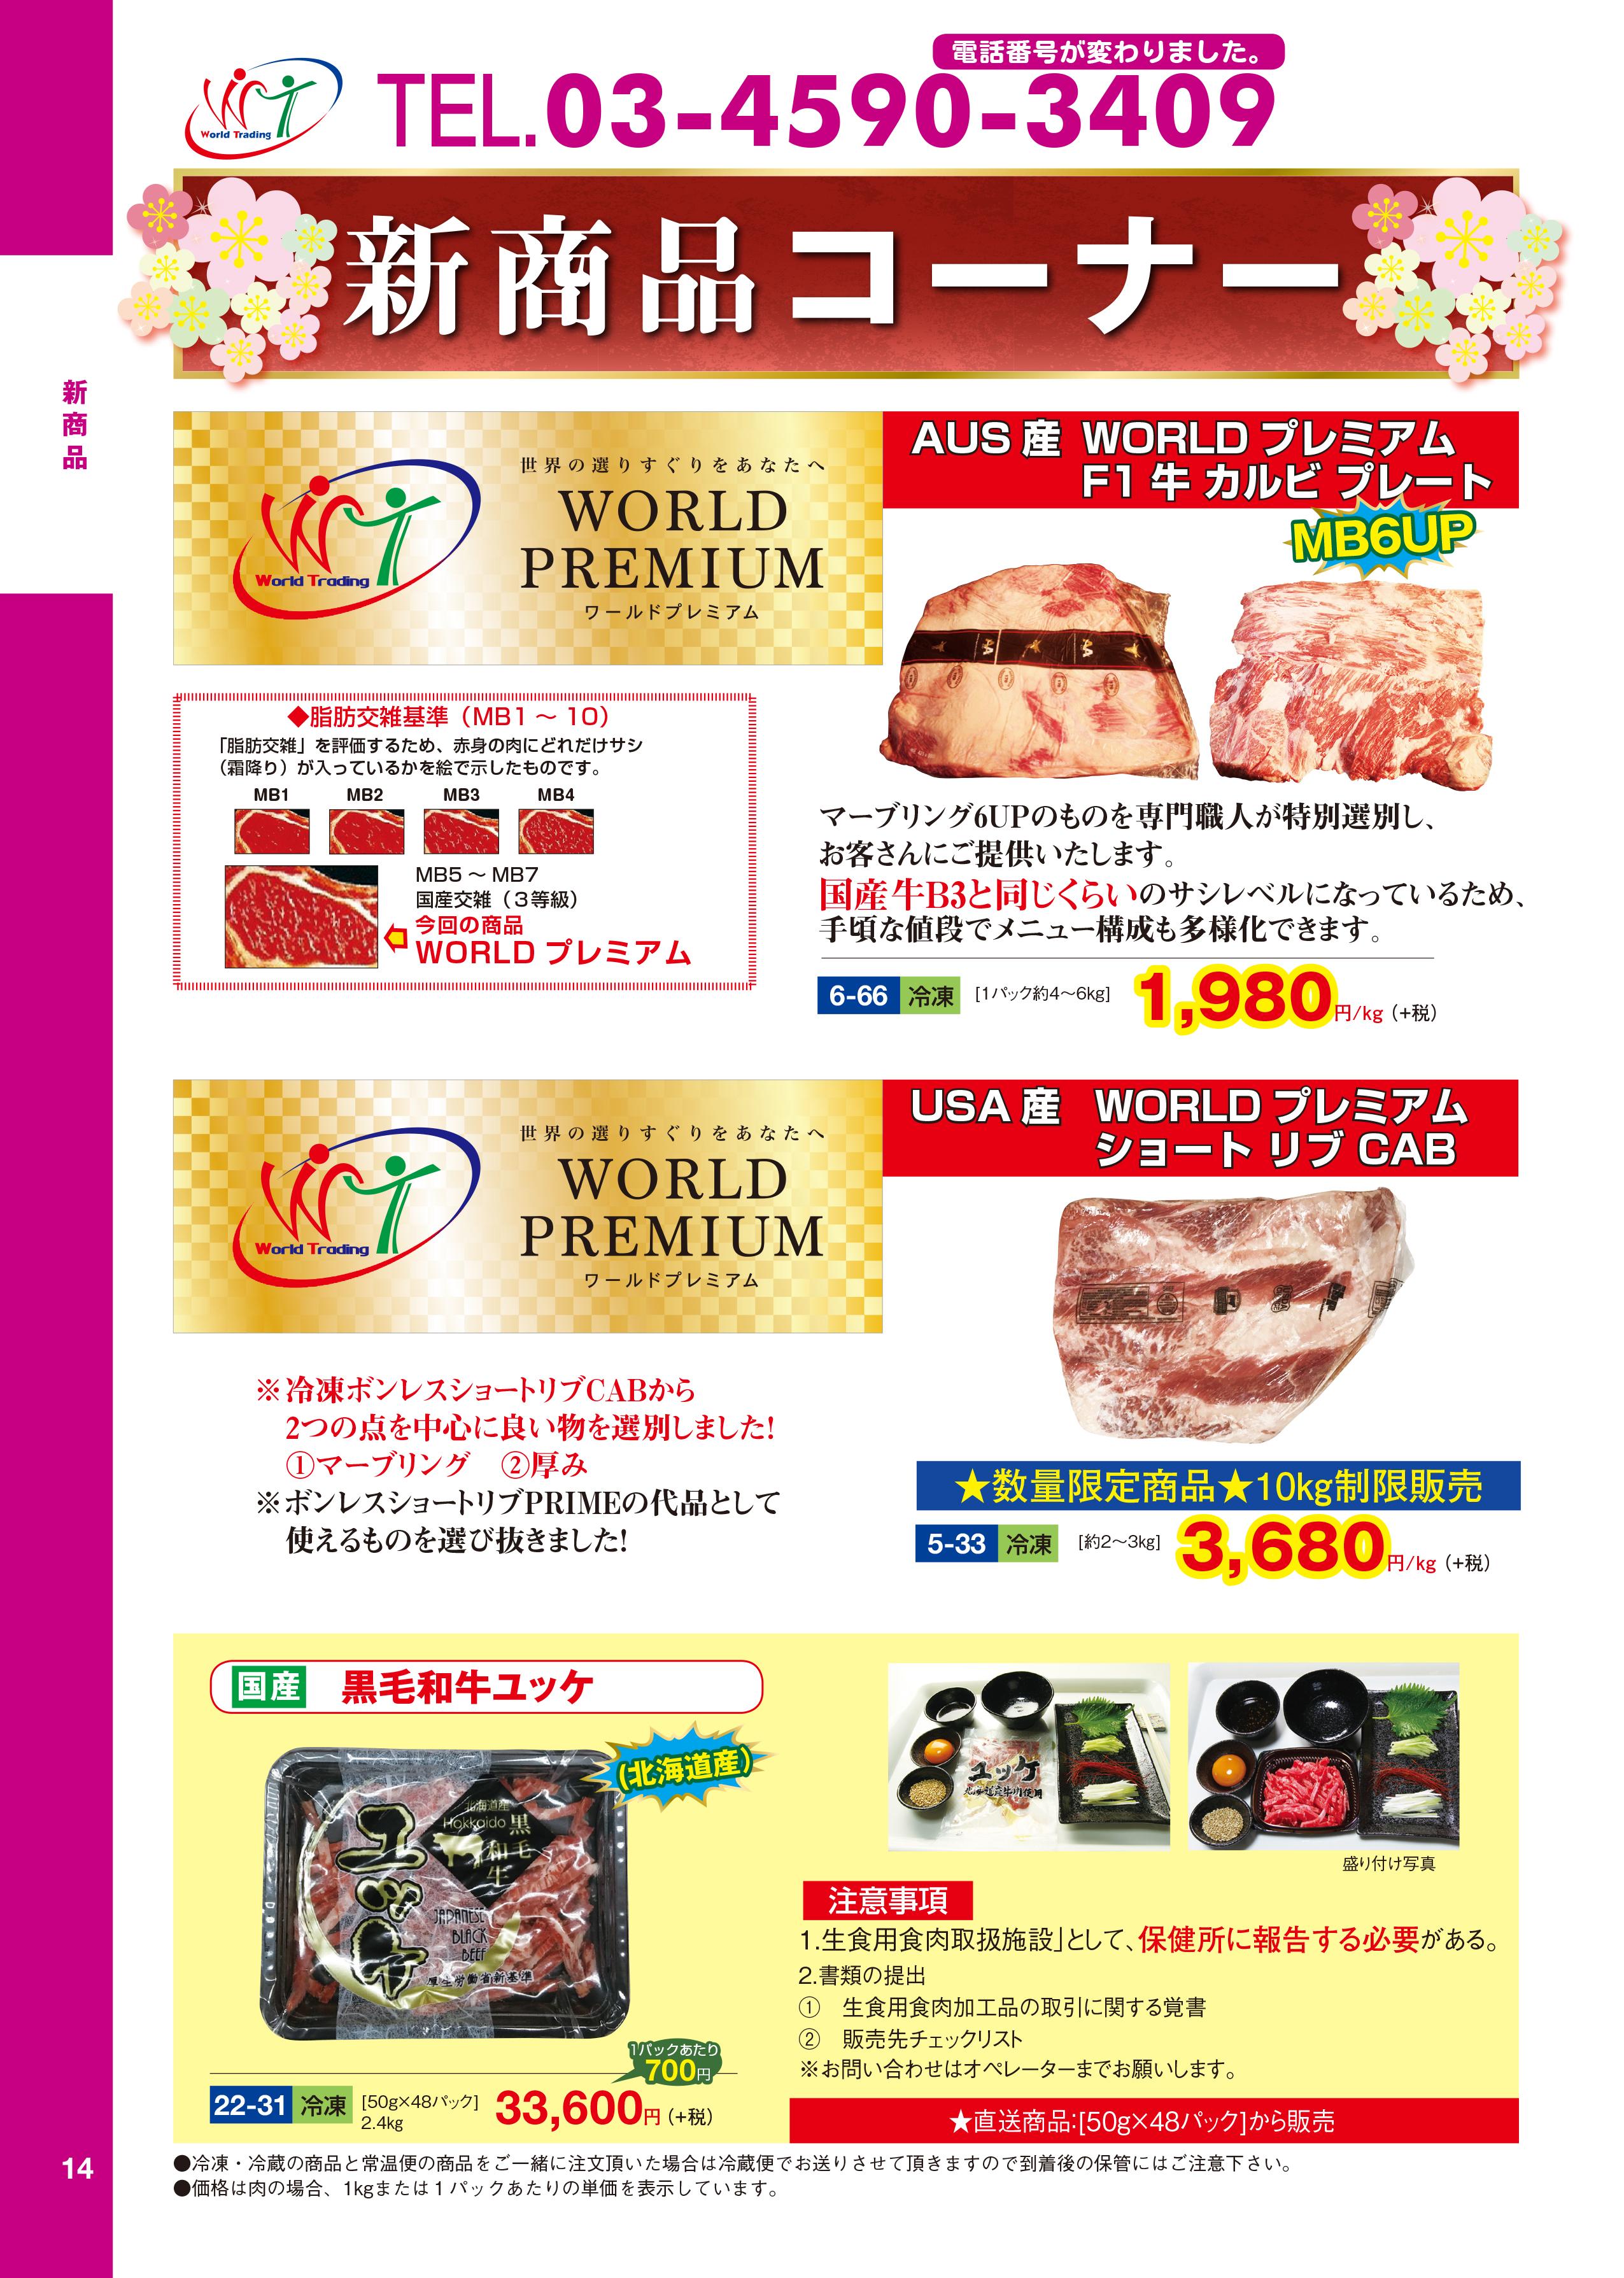 p014-015_新商品-1